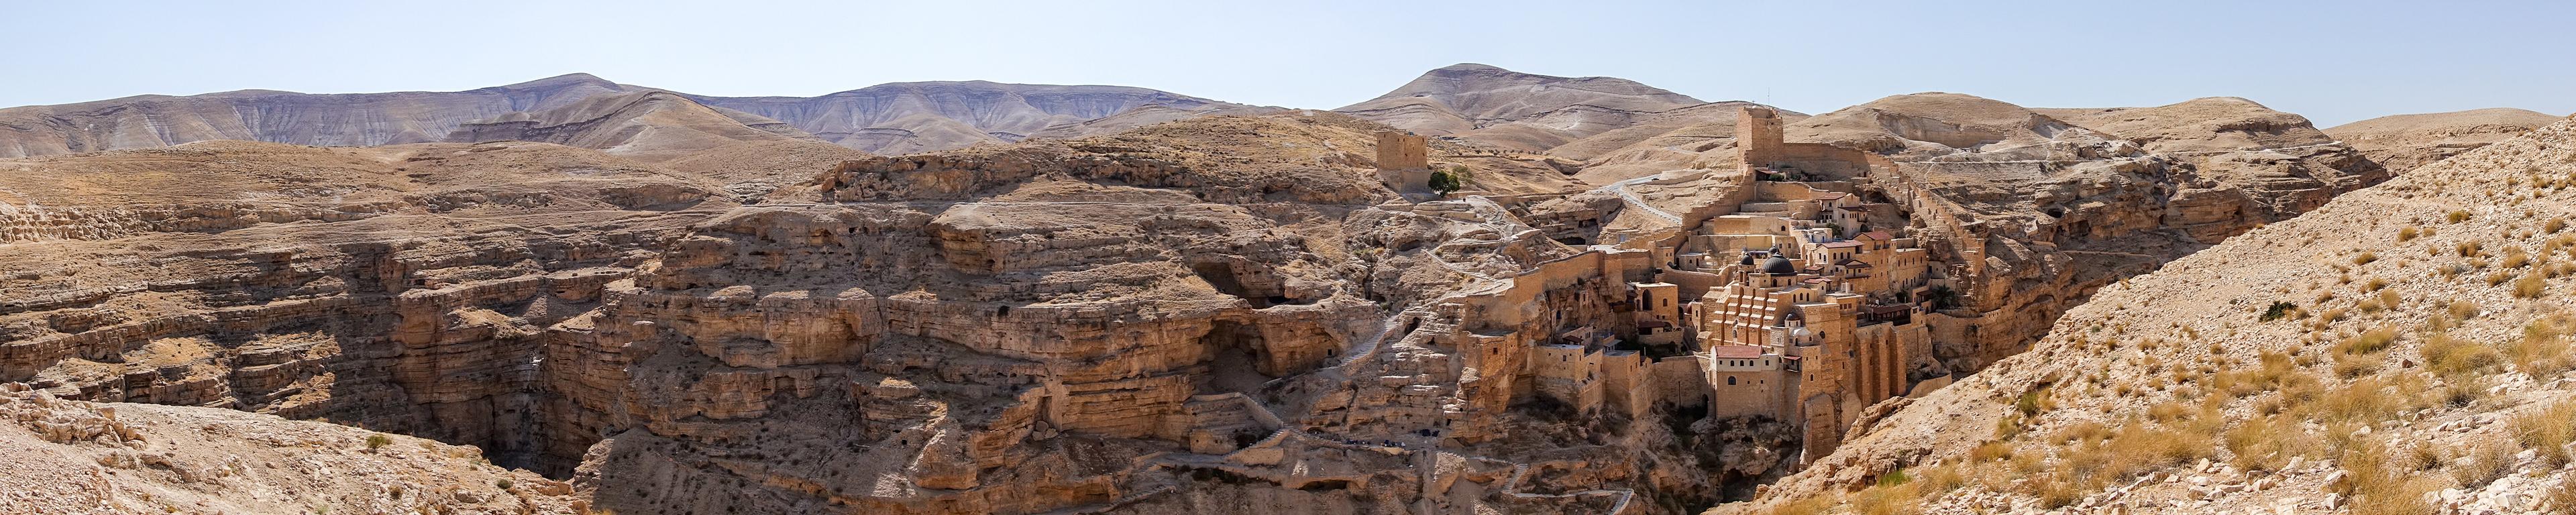 기드론 골짜기와 마르 사바 수도원